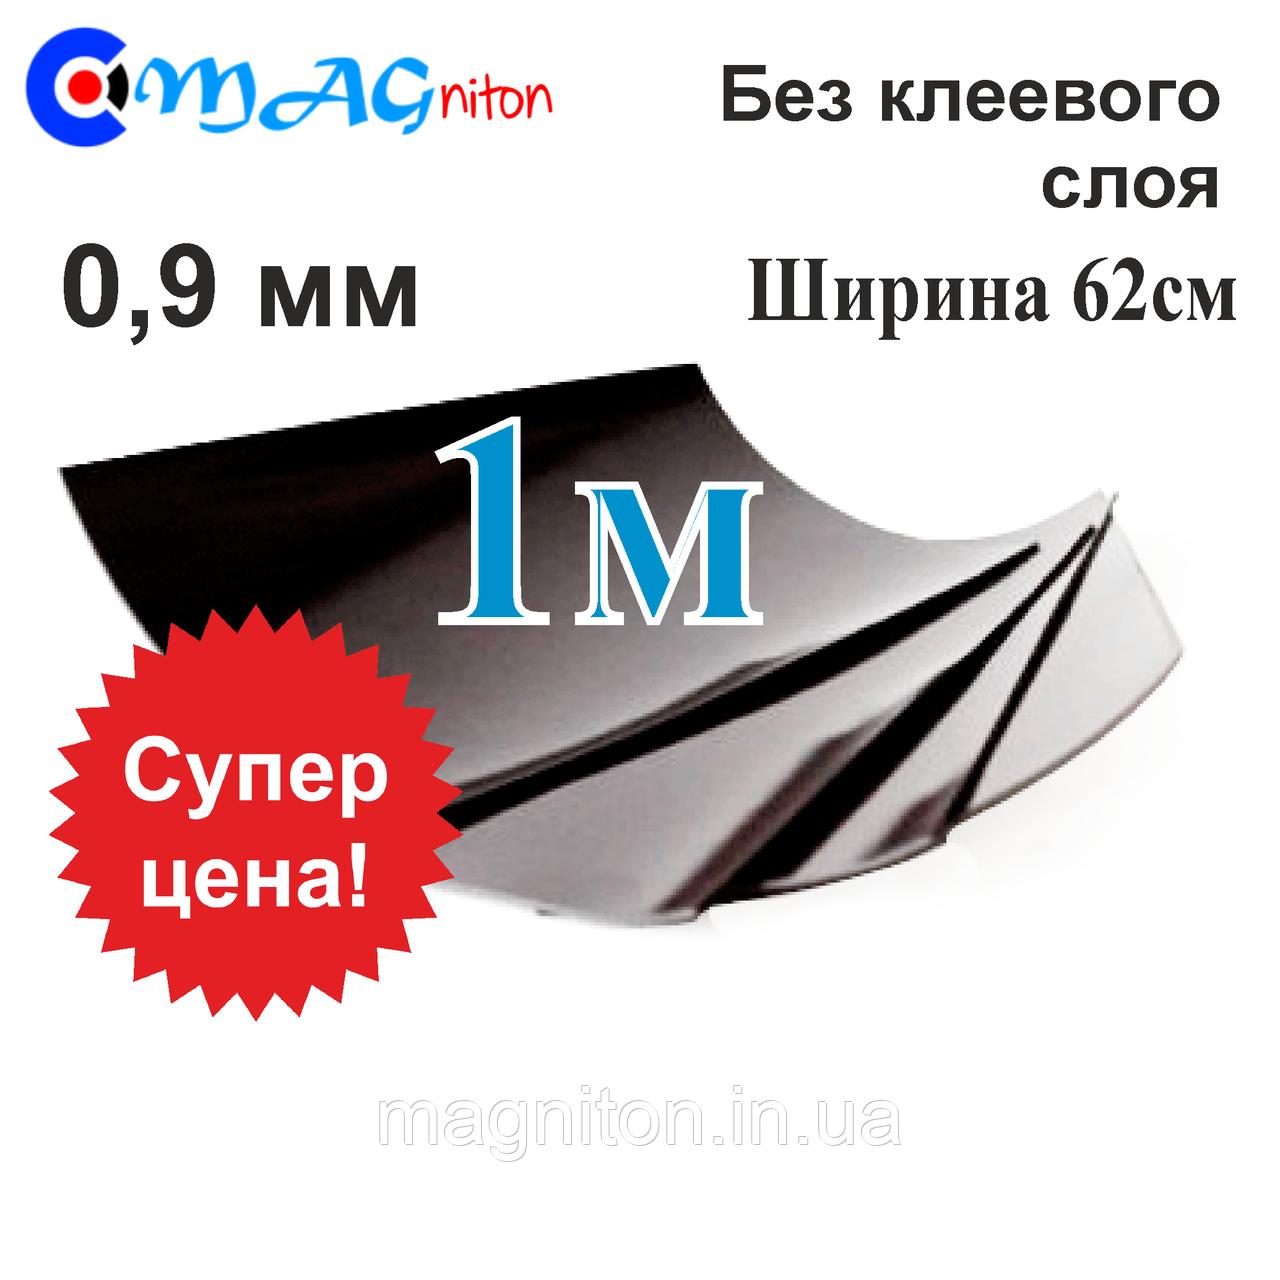 Магнитный лист 1м без клеевого слоя 0,9 мм